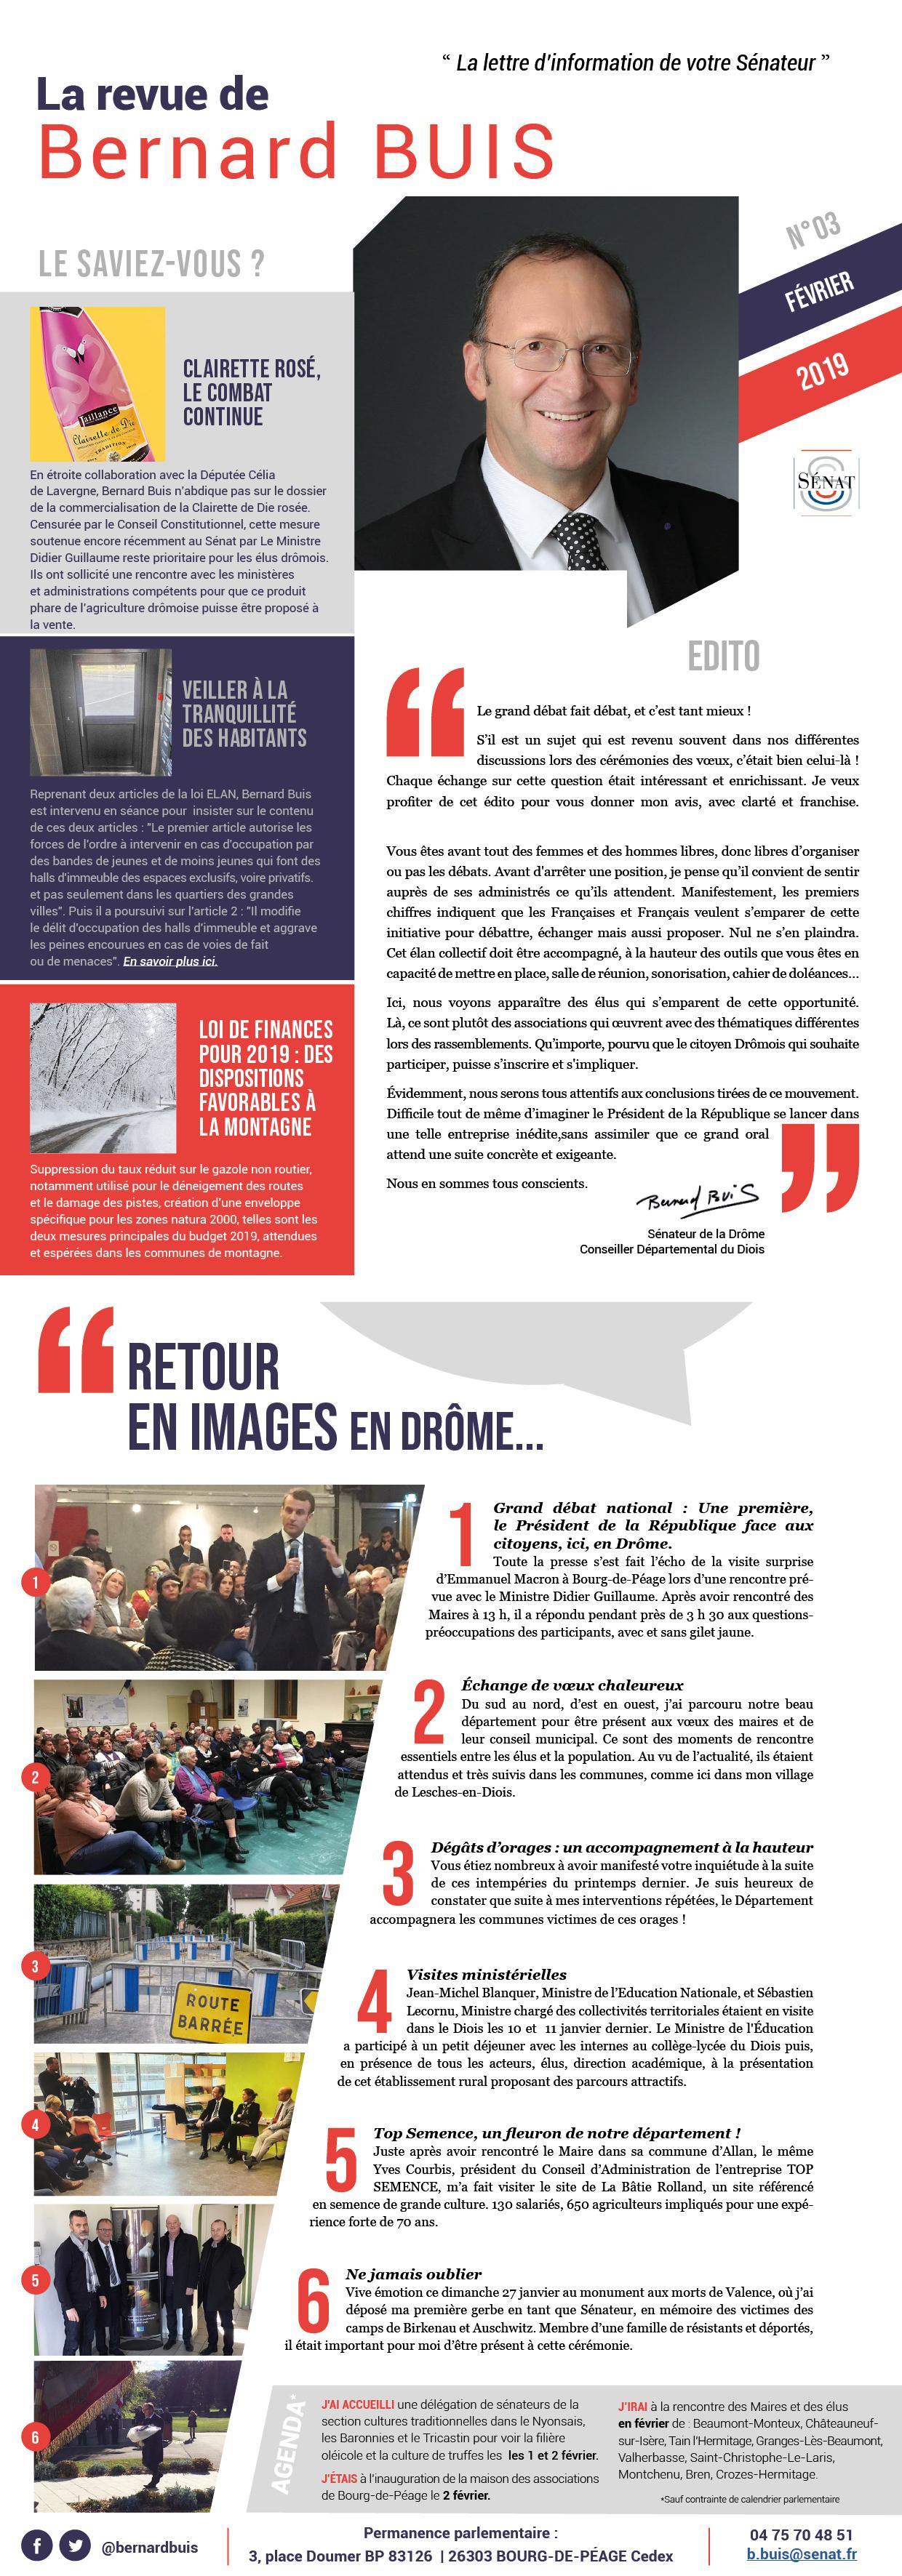 Bernard Buis Sénateur de La Drôme